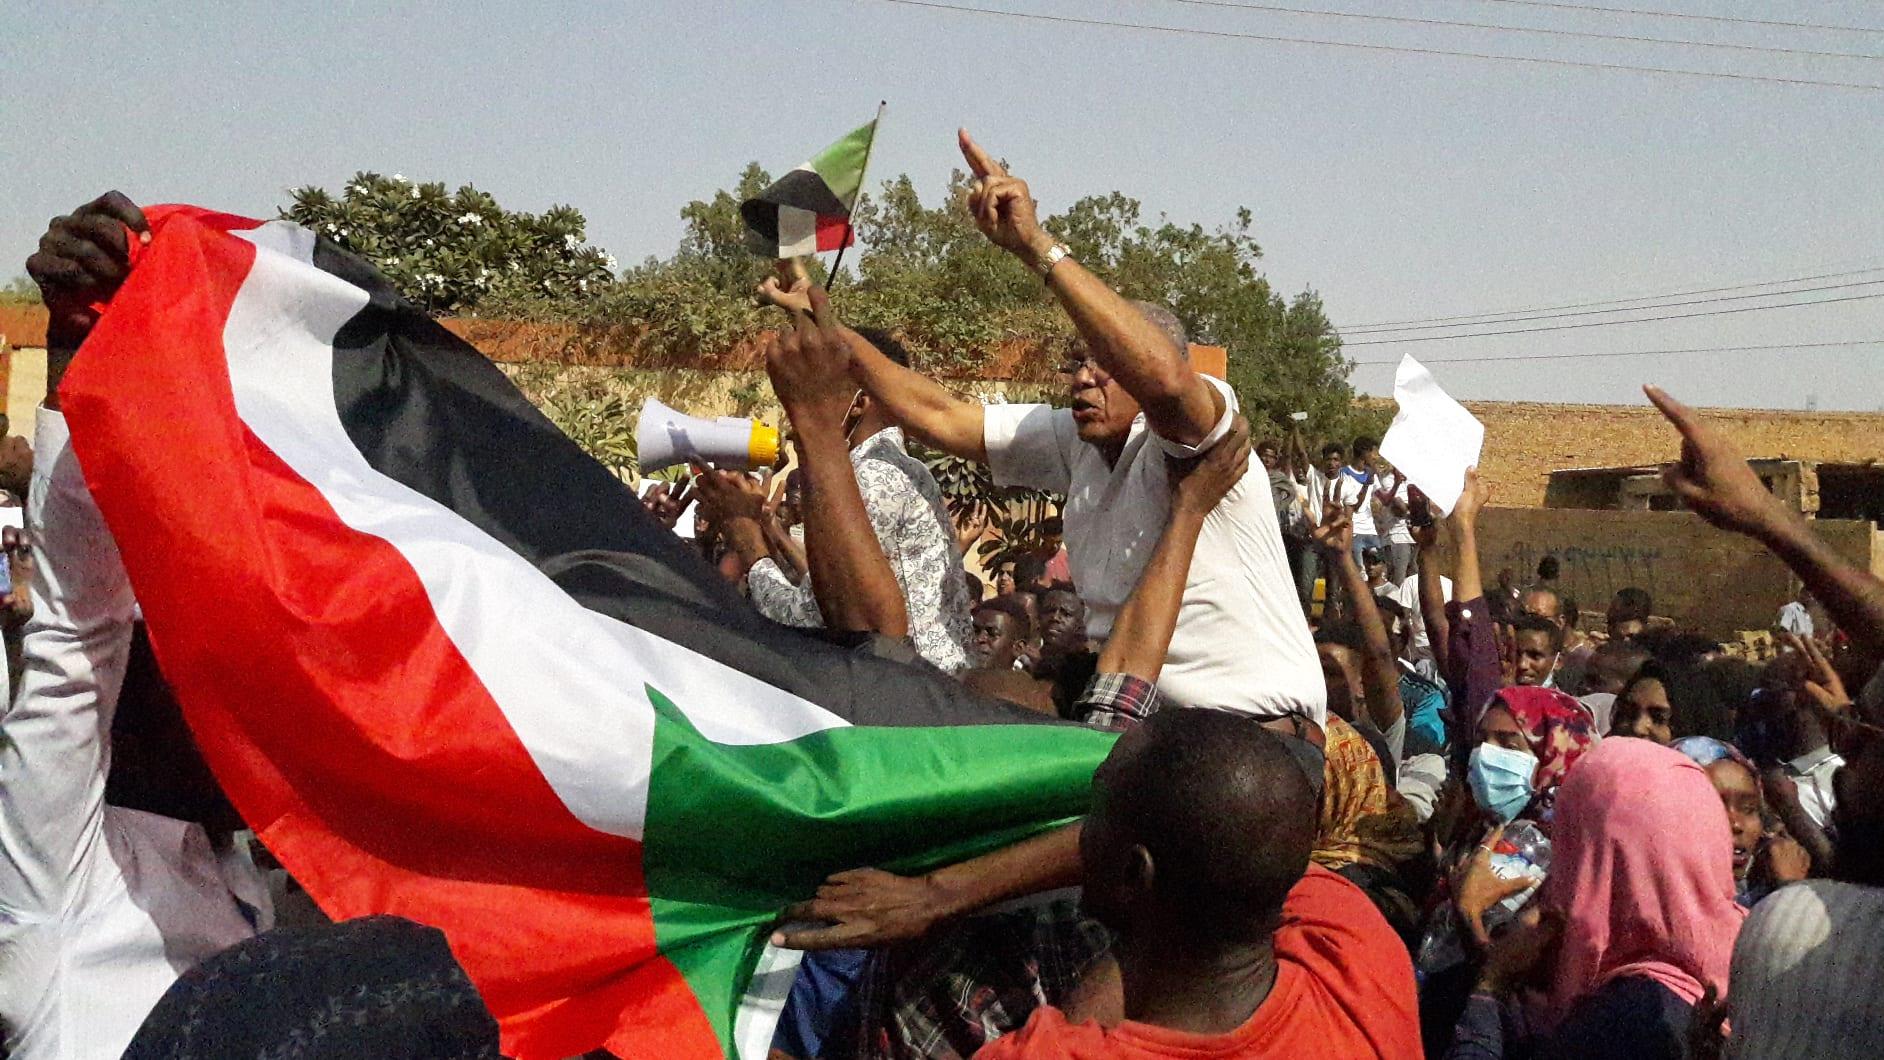 جنازة محتج سوداني تتحول لمظاهرة ضد نظام البشير